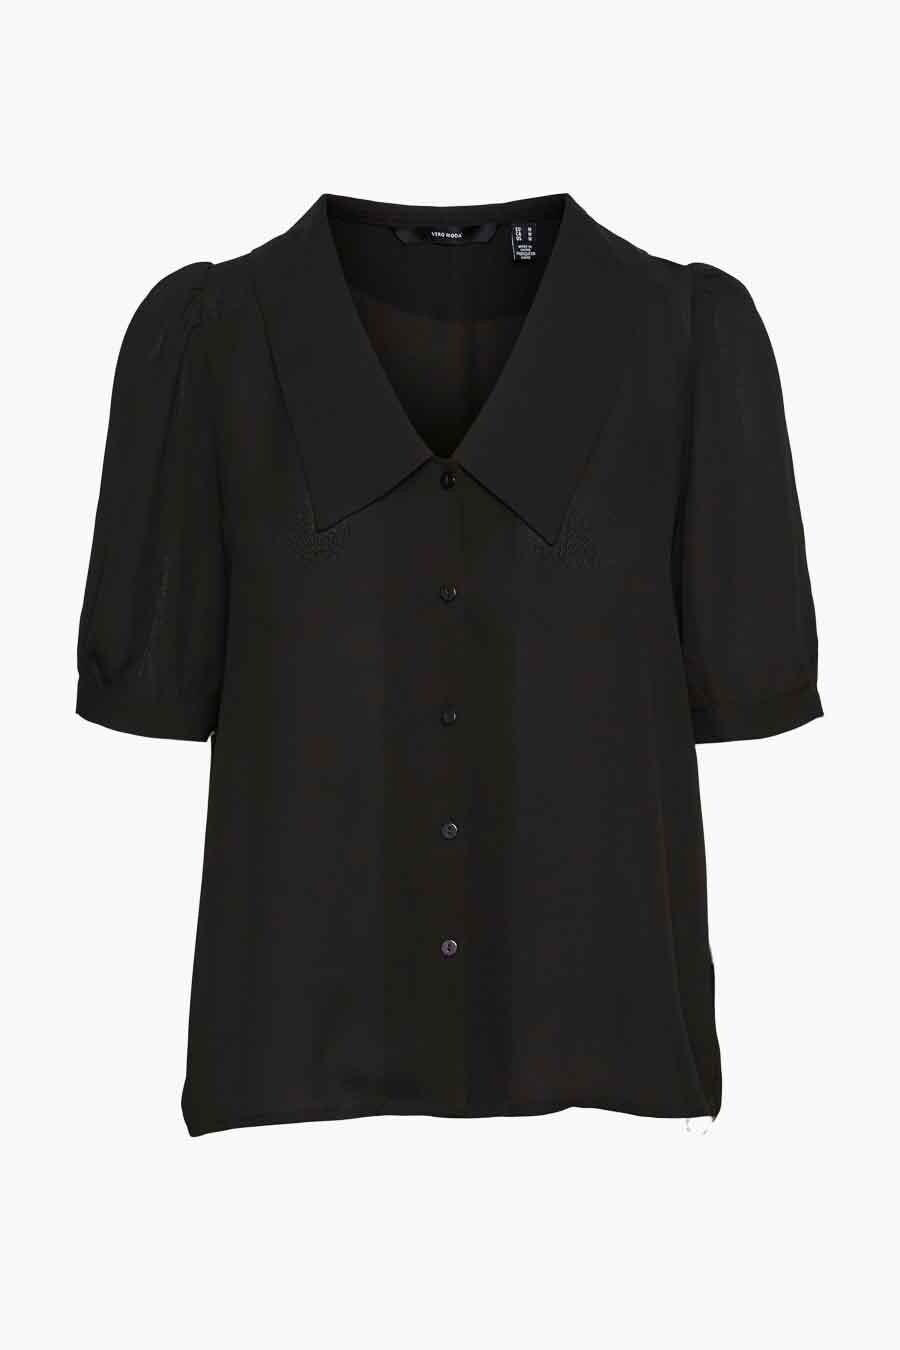 Vero Moda® Blouse lange mouwen, Zwart, Dames, Maat: L/M/XS